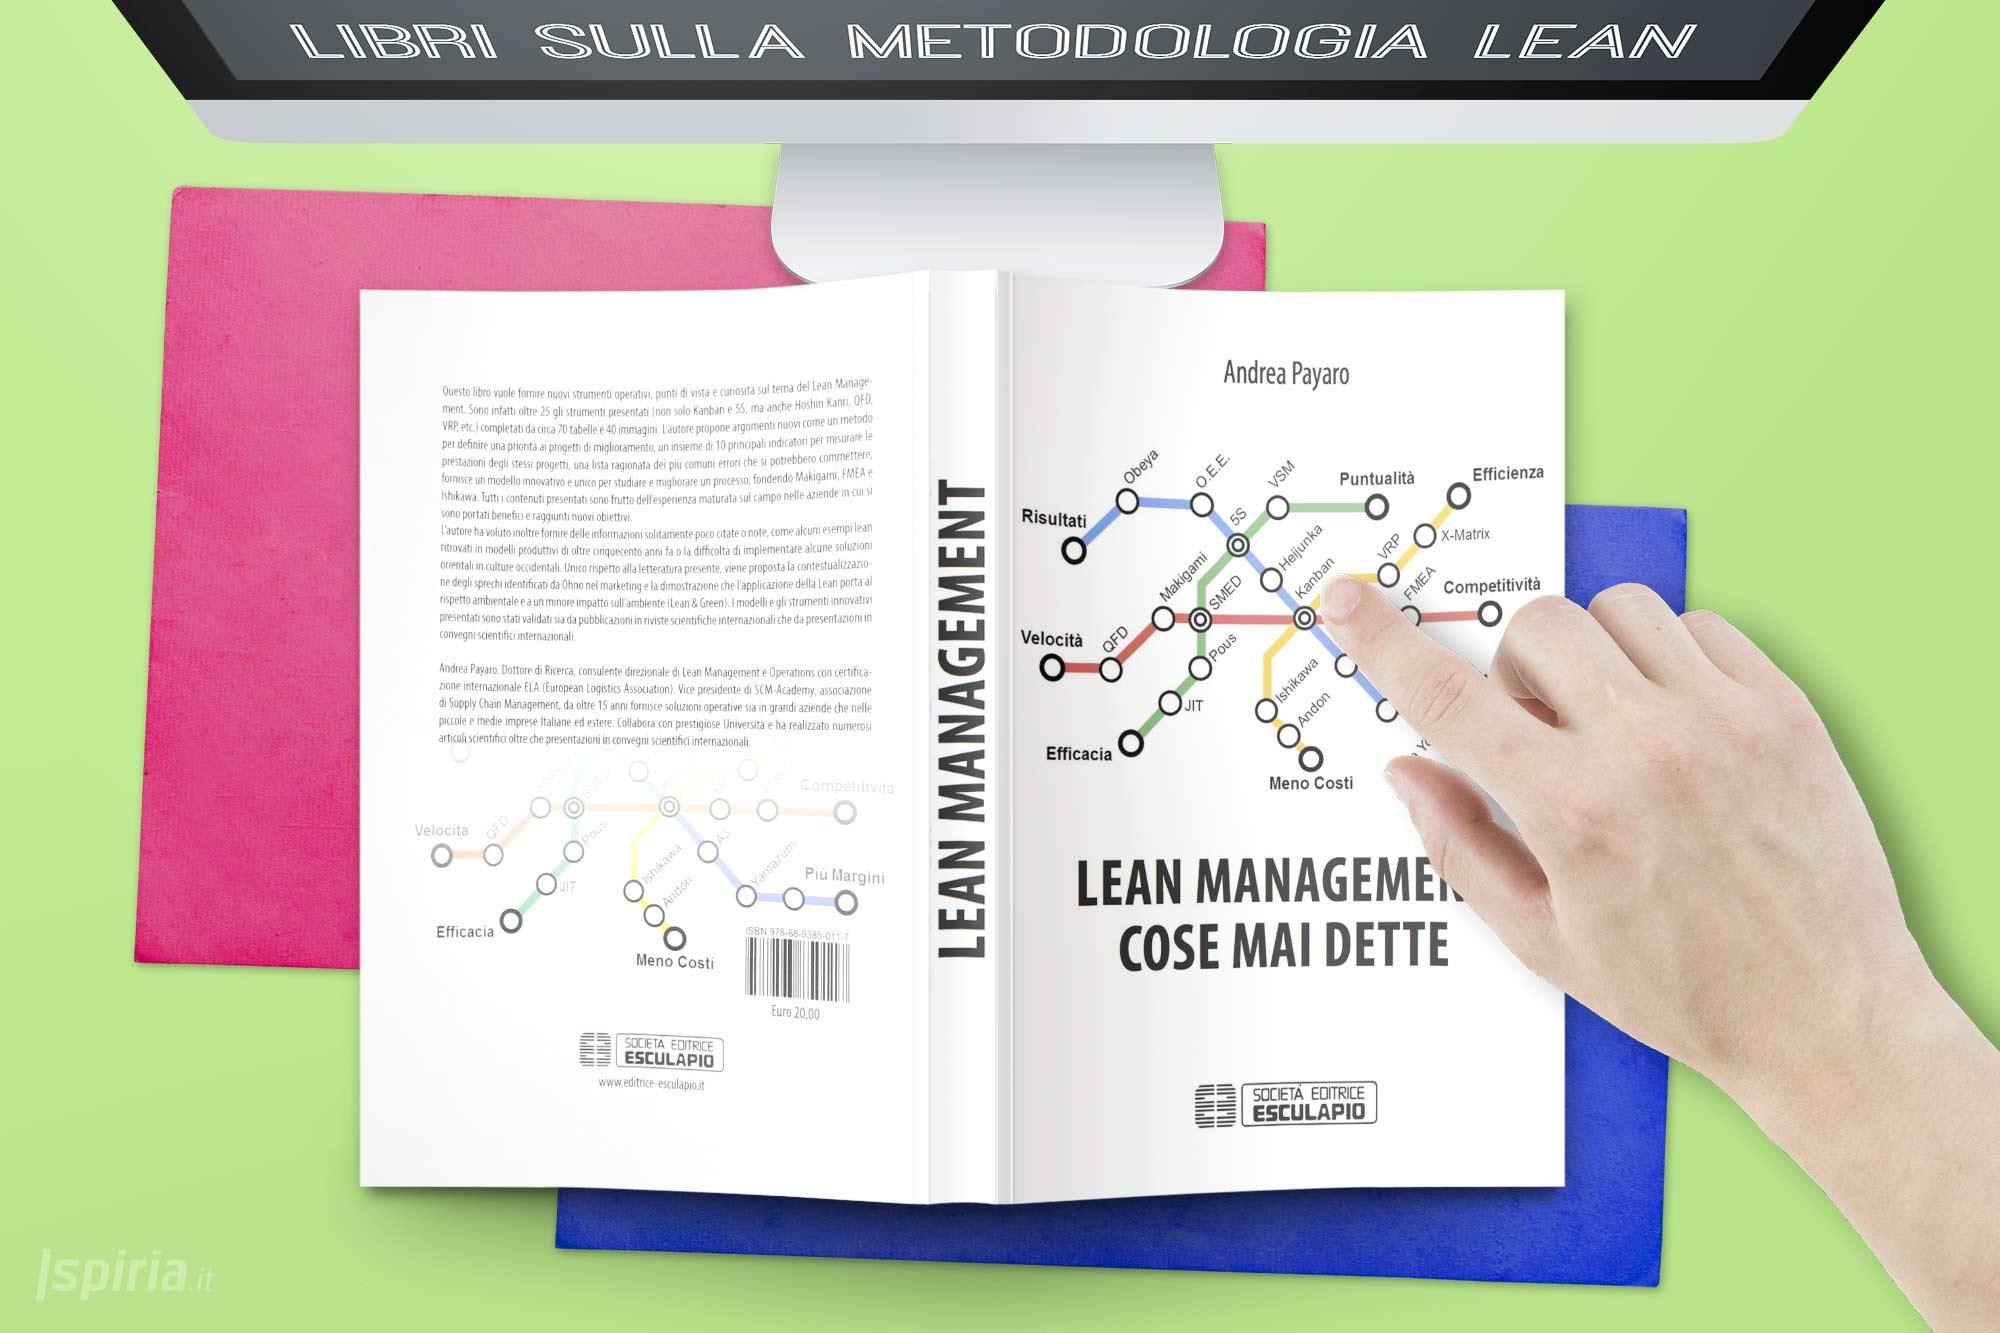 libro-sul-lean-management-migliore